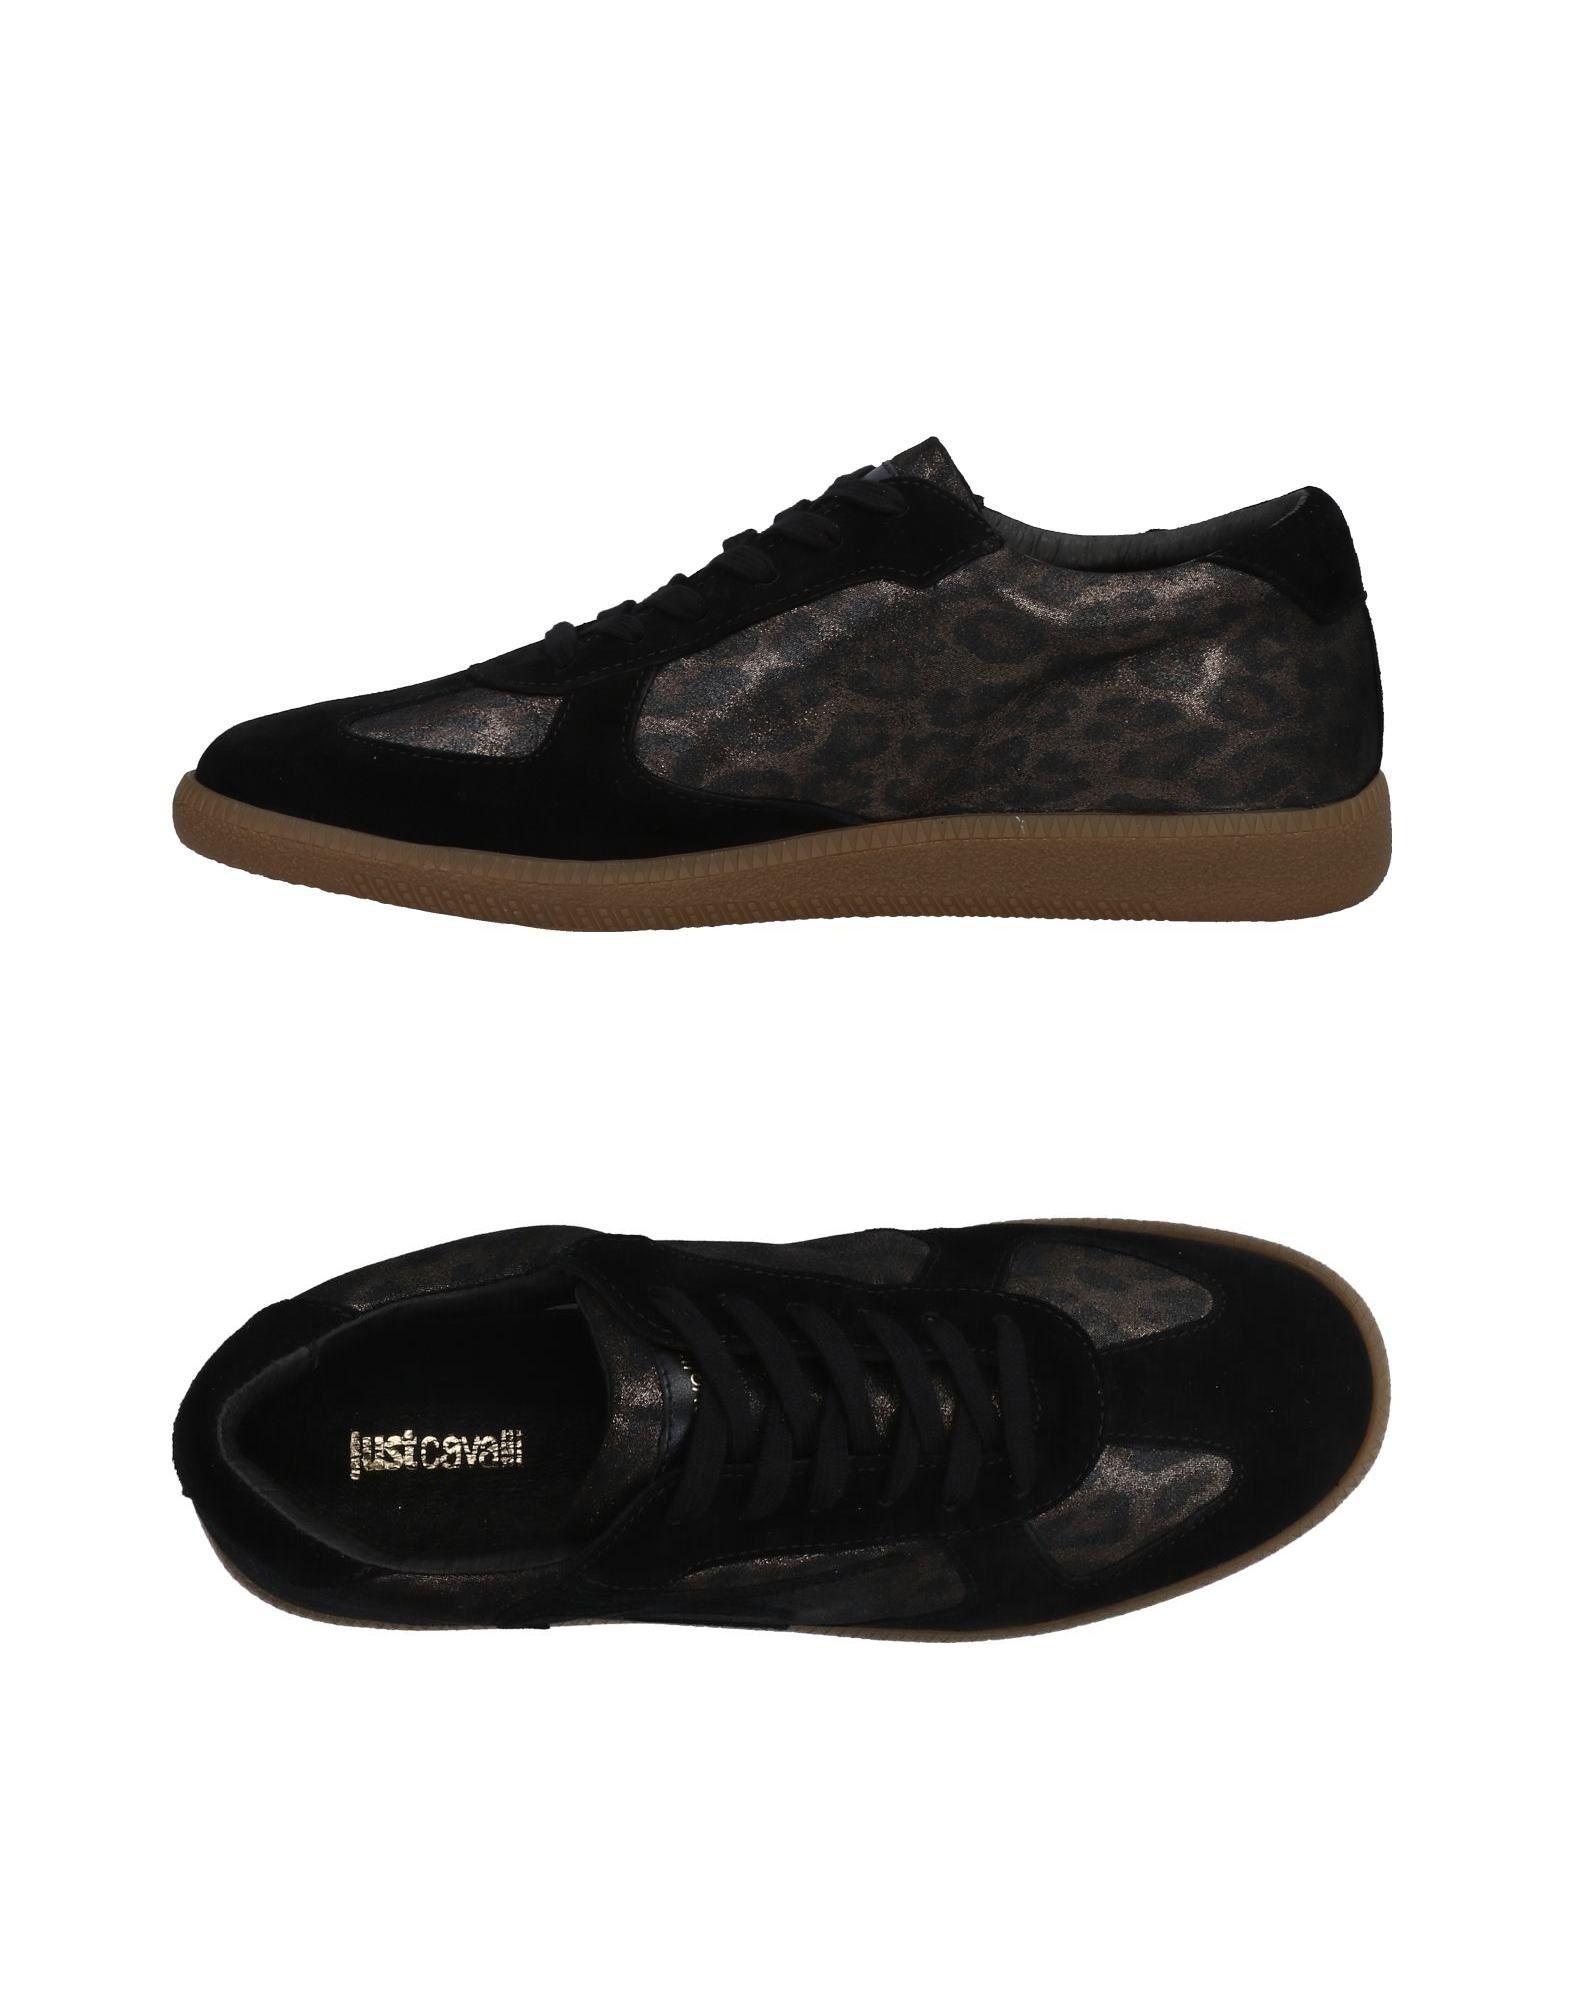 Rabatt echte Schuhe Herren Just Cavalli Sneakers Herren Schuhe  11472973JC 24772e